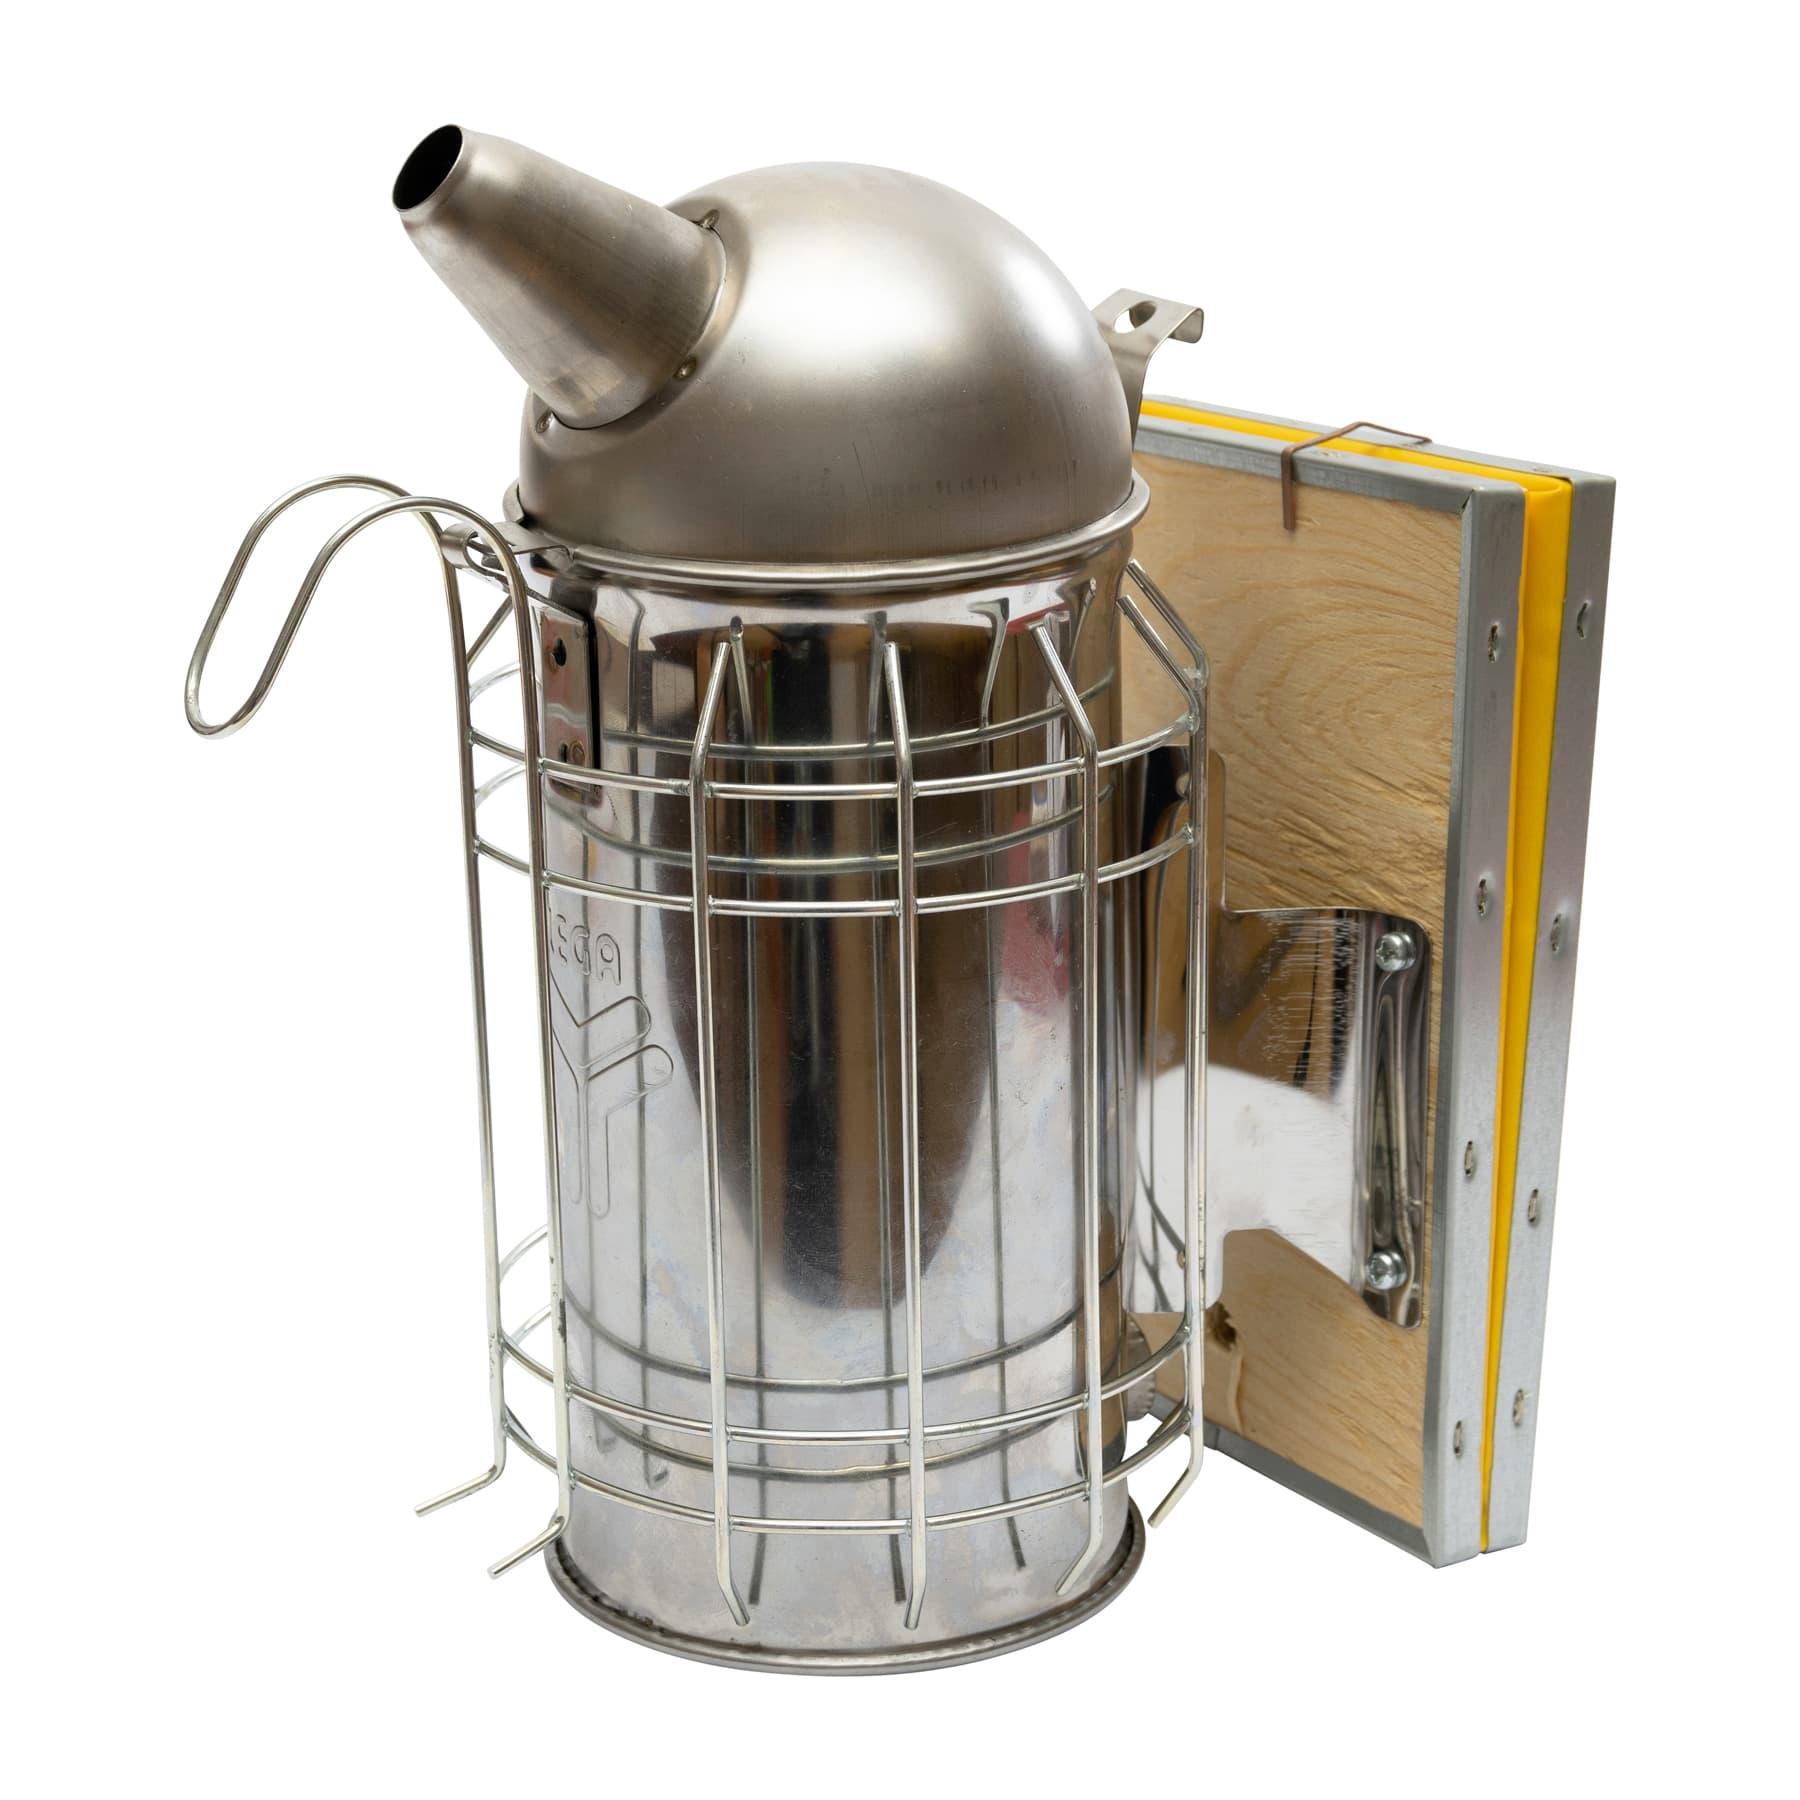 Edelstahl-Smoker (Rauchbläser), 10 cm Durchmesser